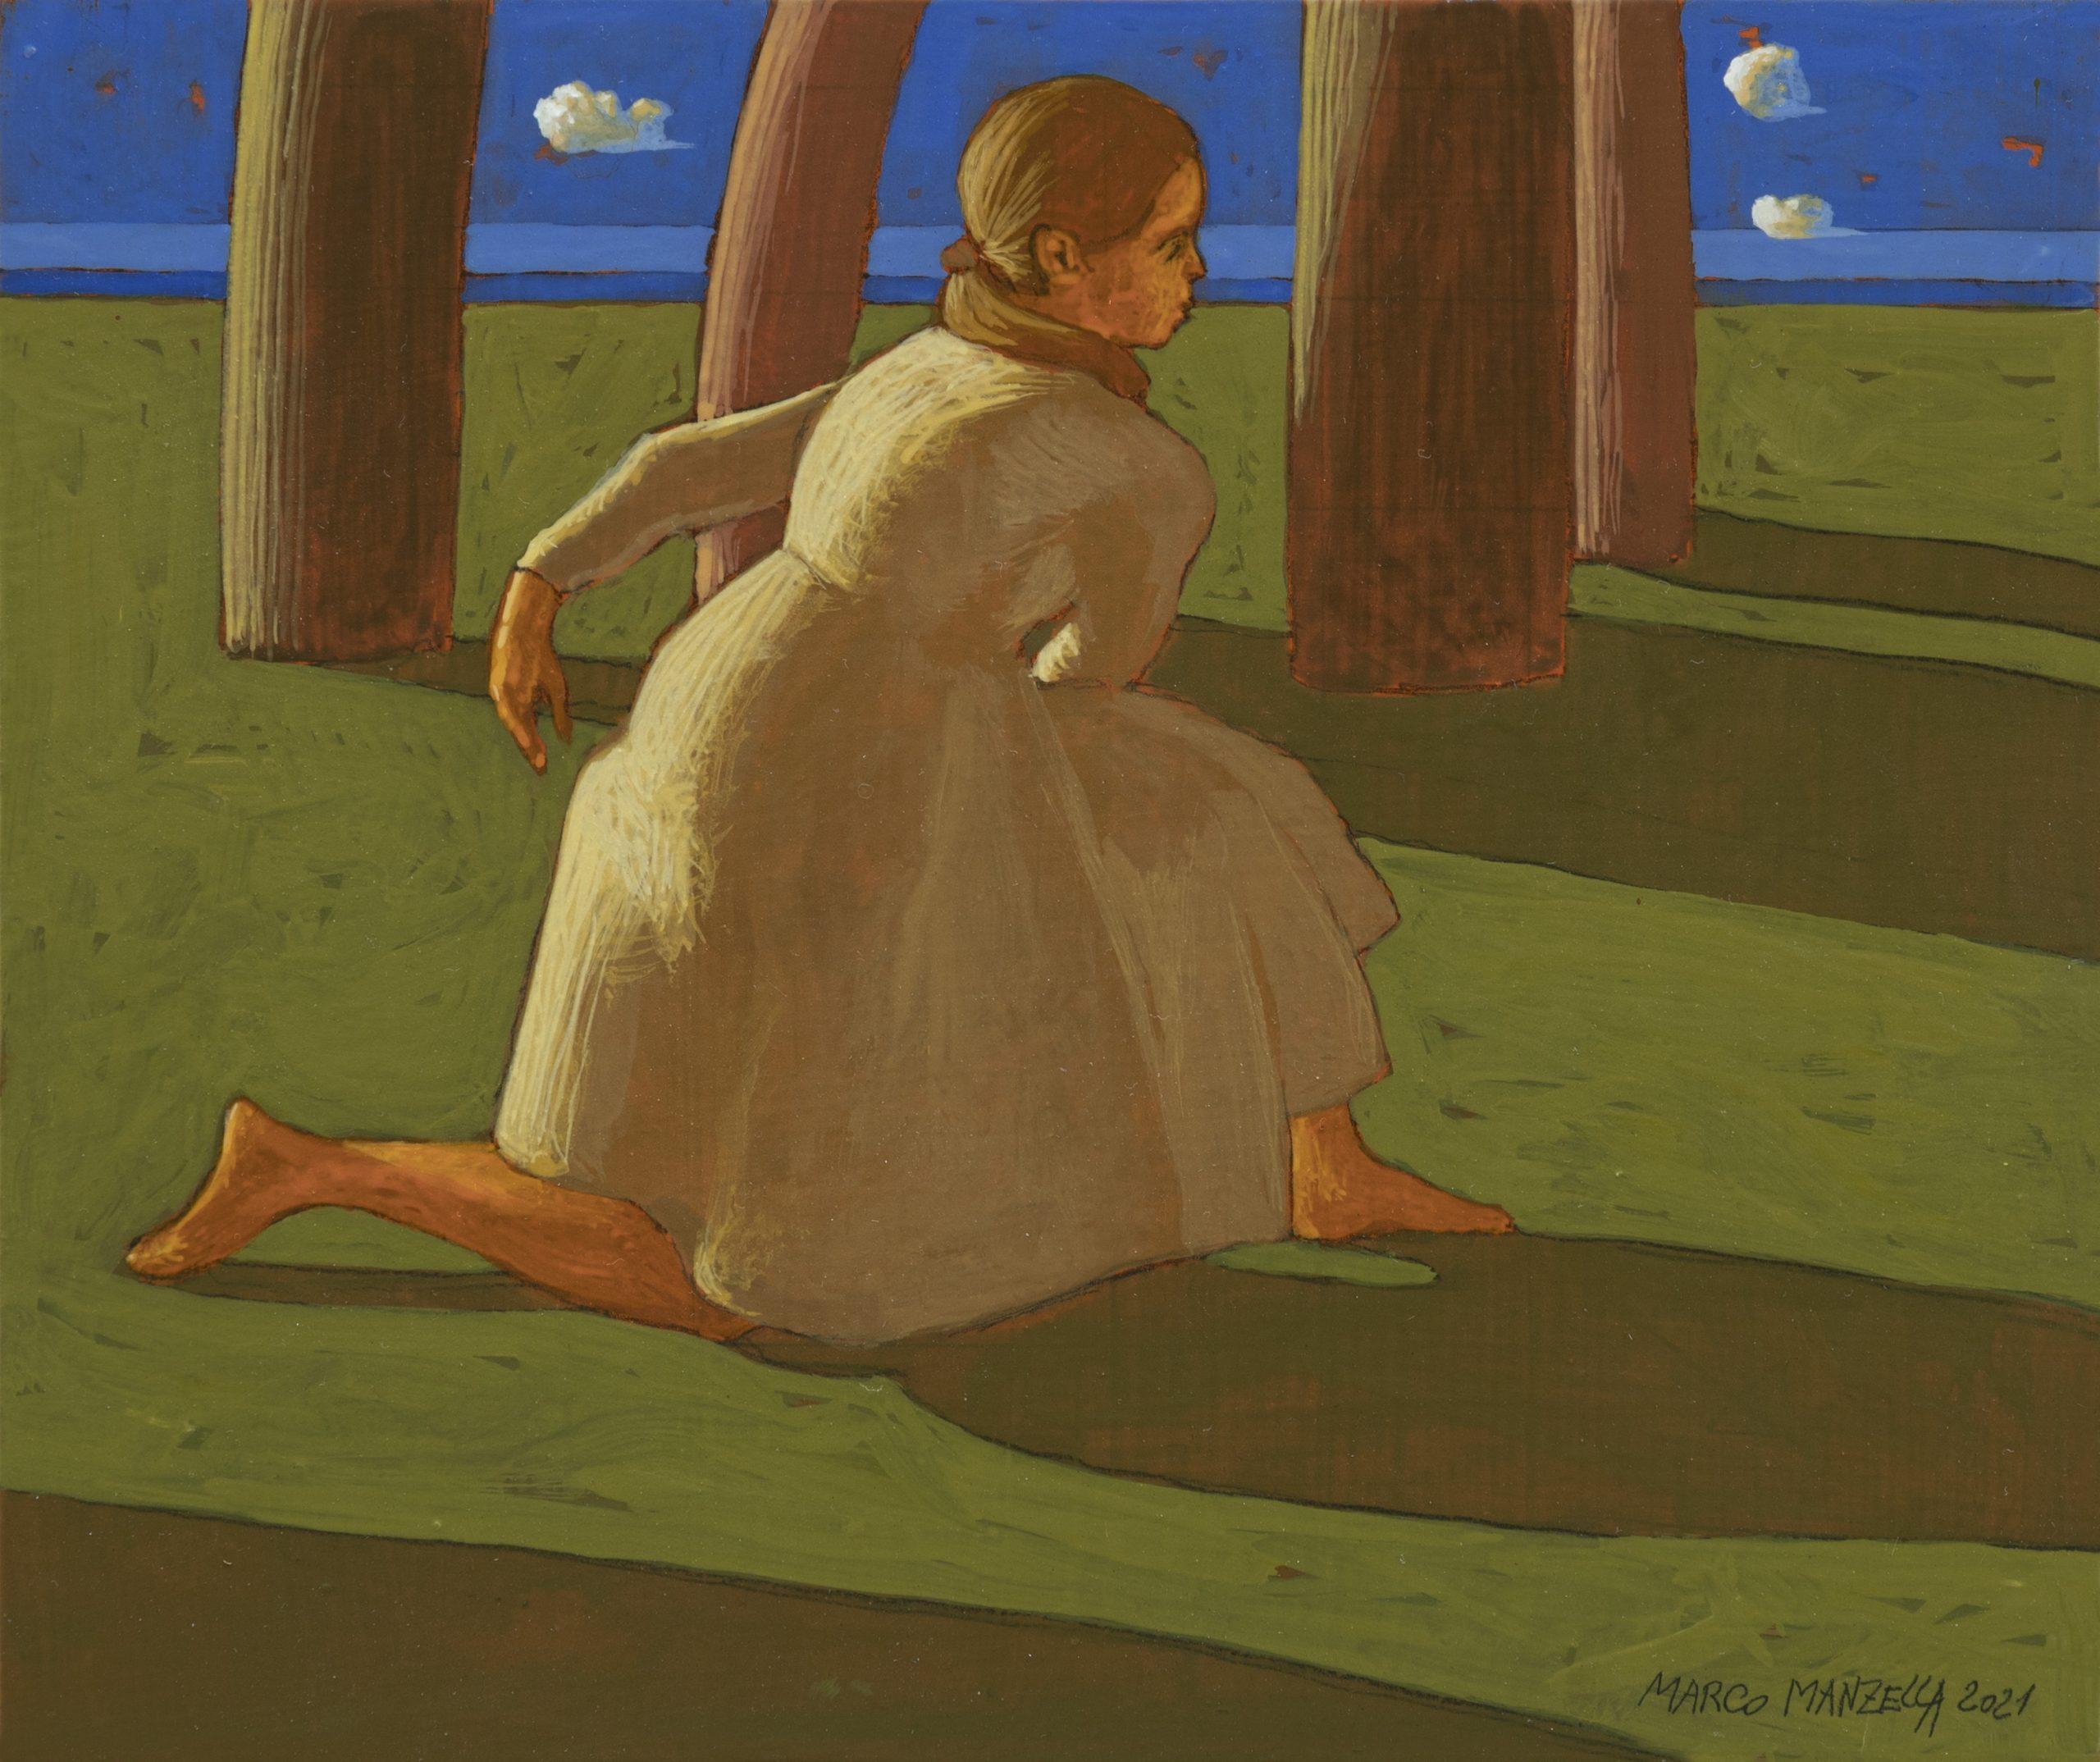 LA GIUSTA STRADA (II),  2021, cm. 25 x 30,  tempera su tavola